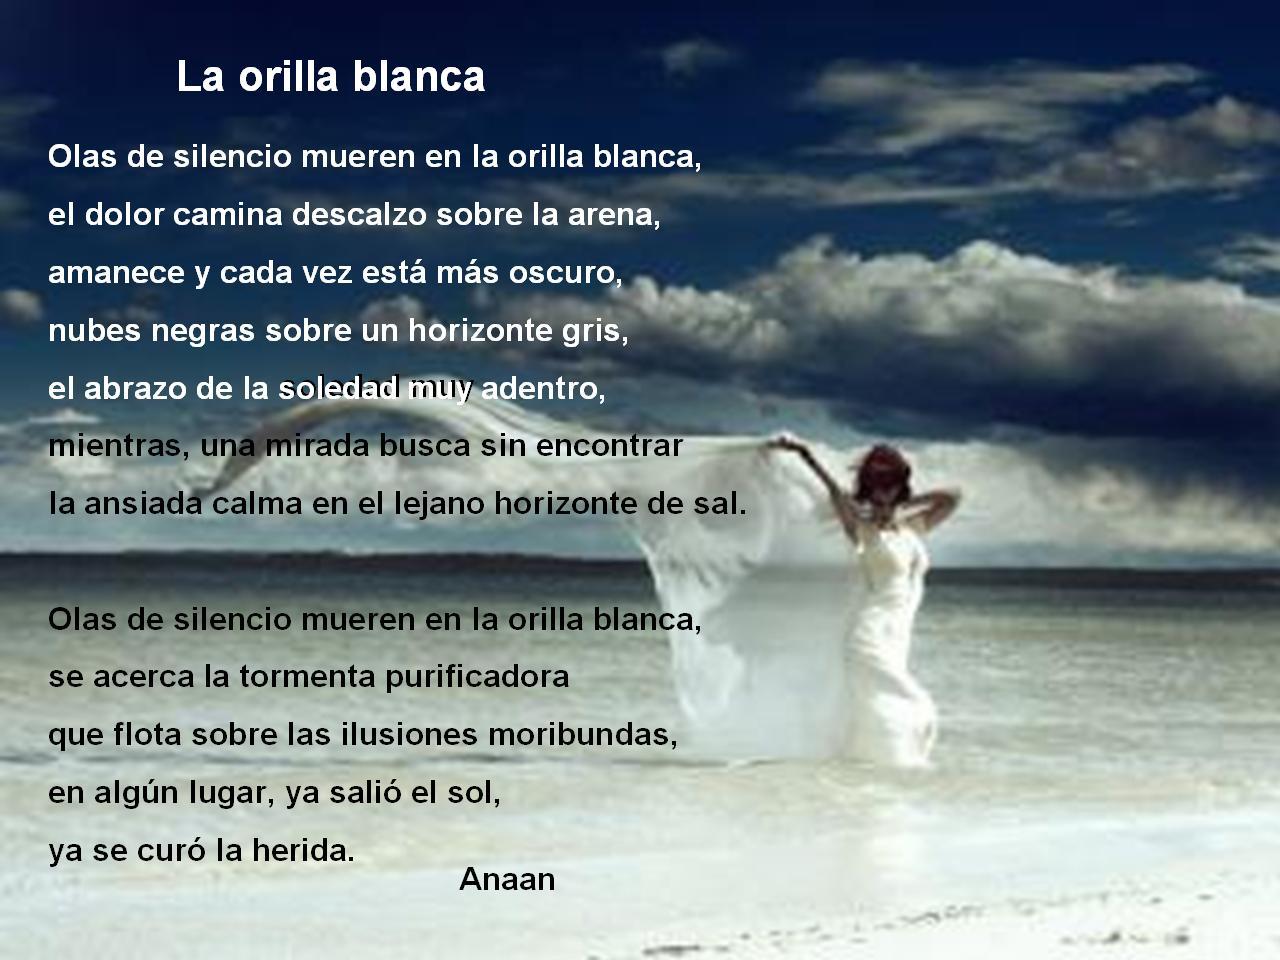 anaan-050-la-orilla-blanca